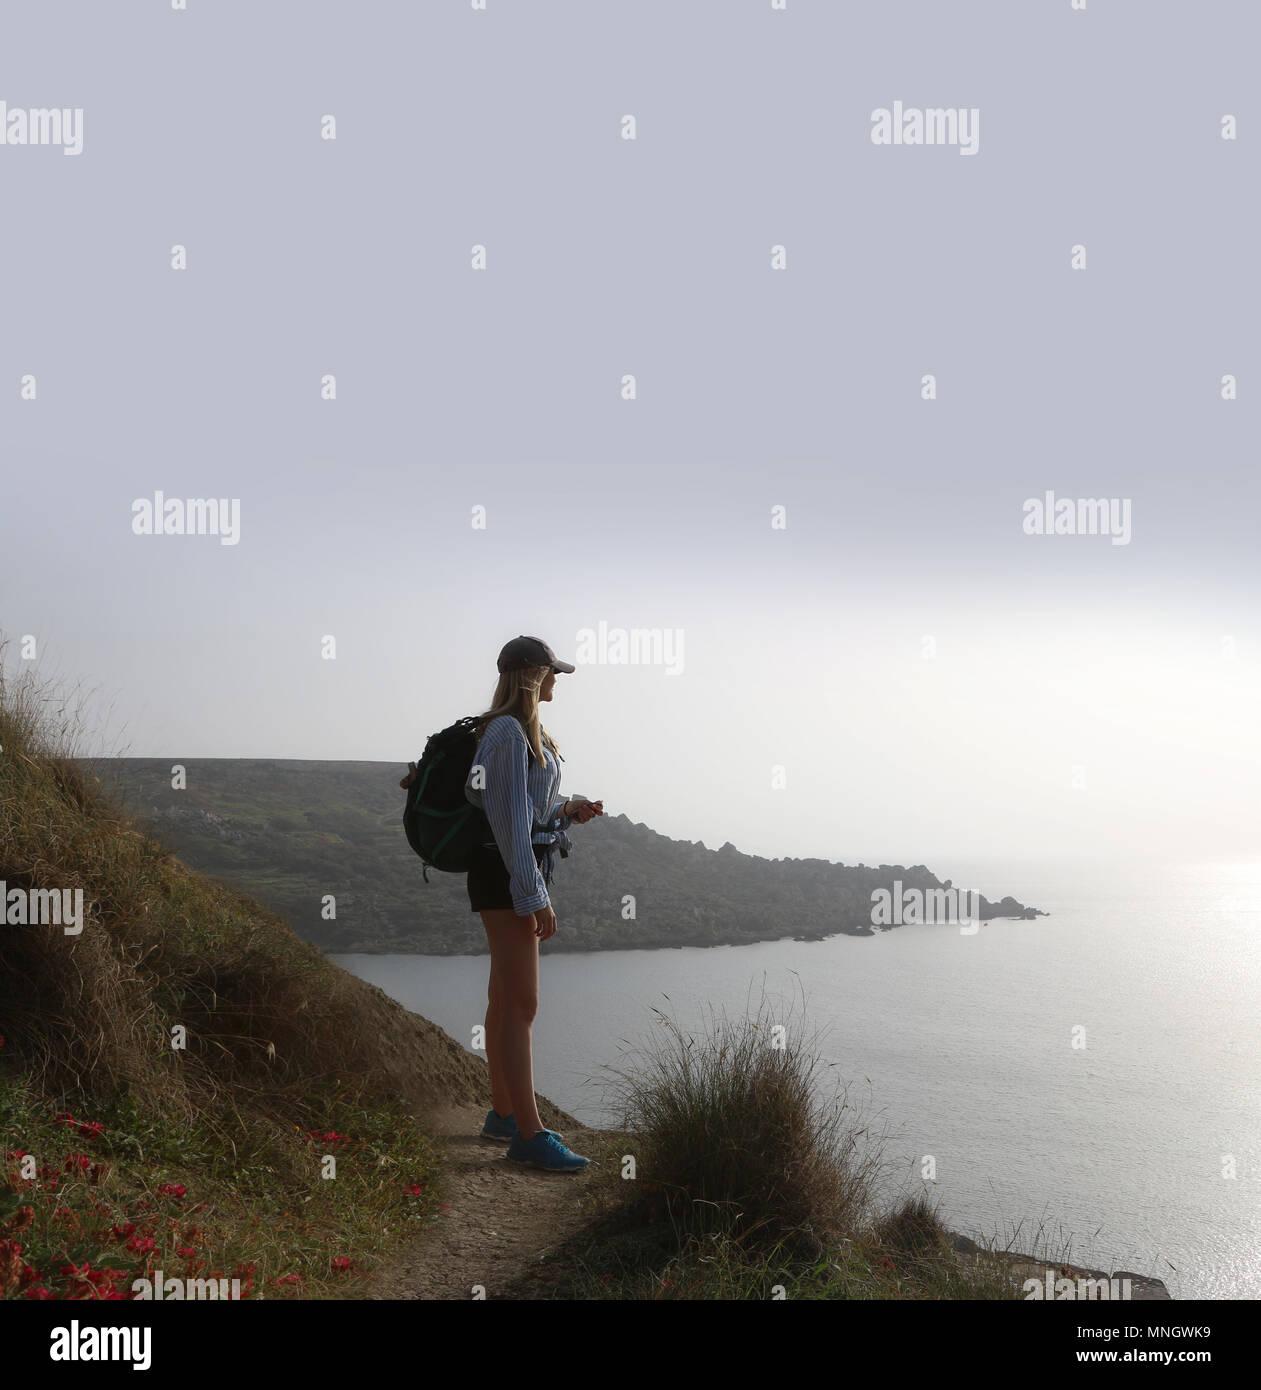 Jeune femme debout face à la mer, il est en short un sac à dos et le pic de PAC. Elle est élevée jusqu'à la bas Photo Stock